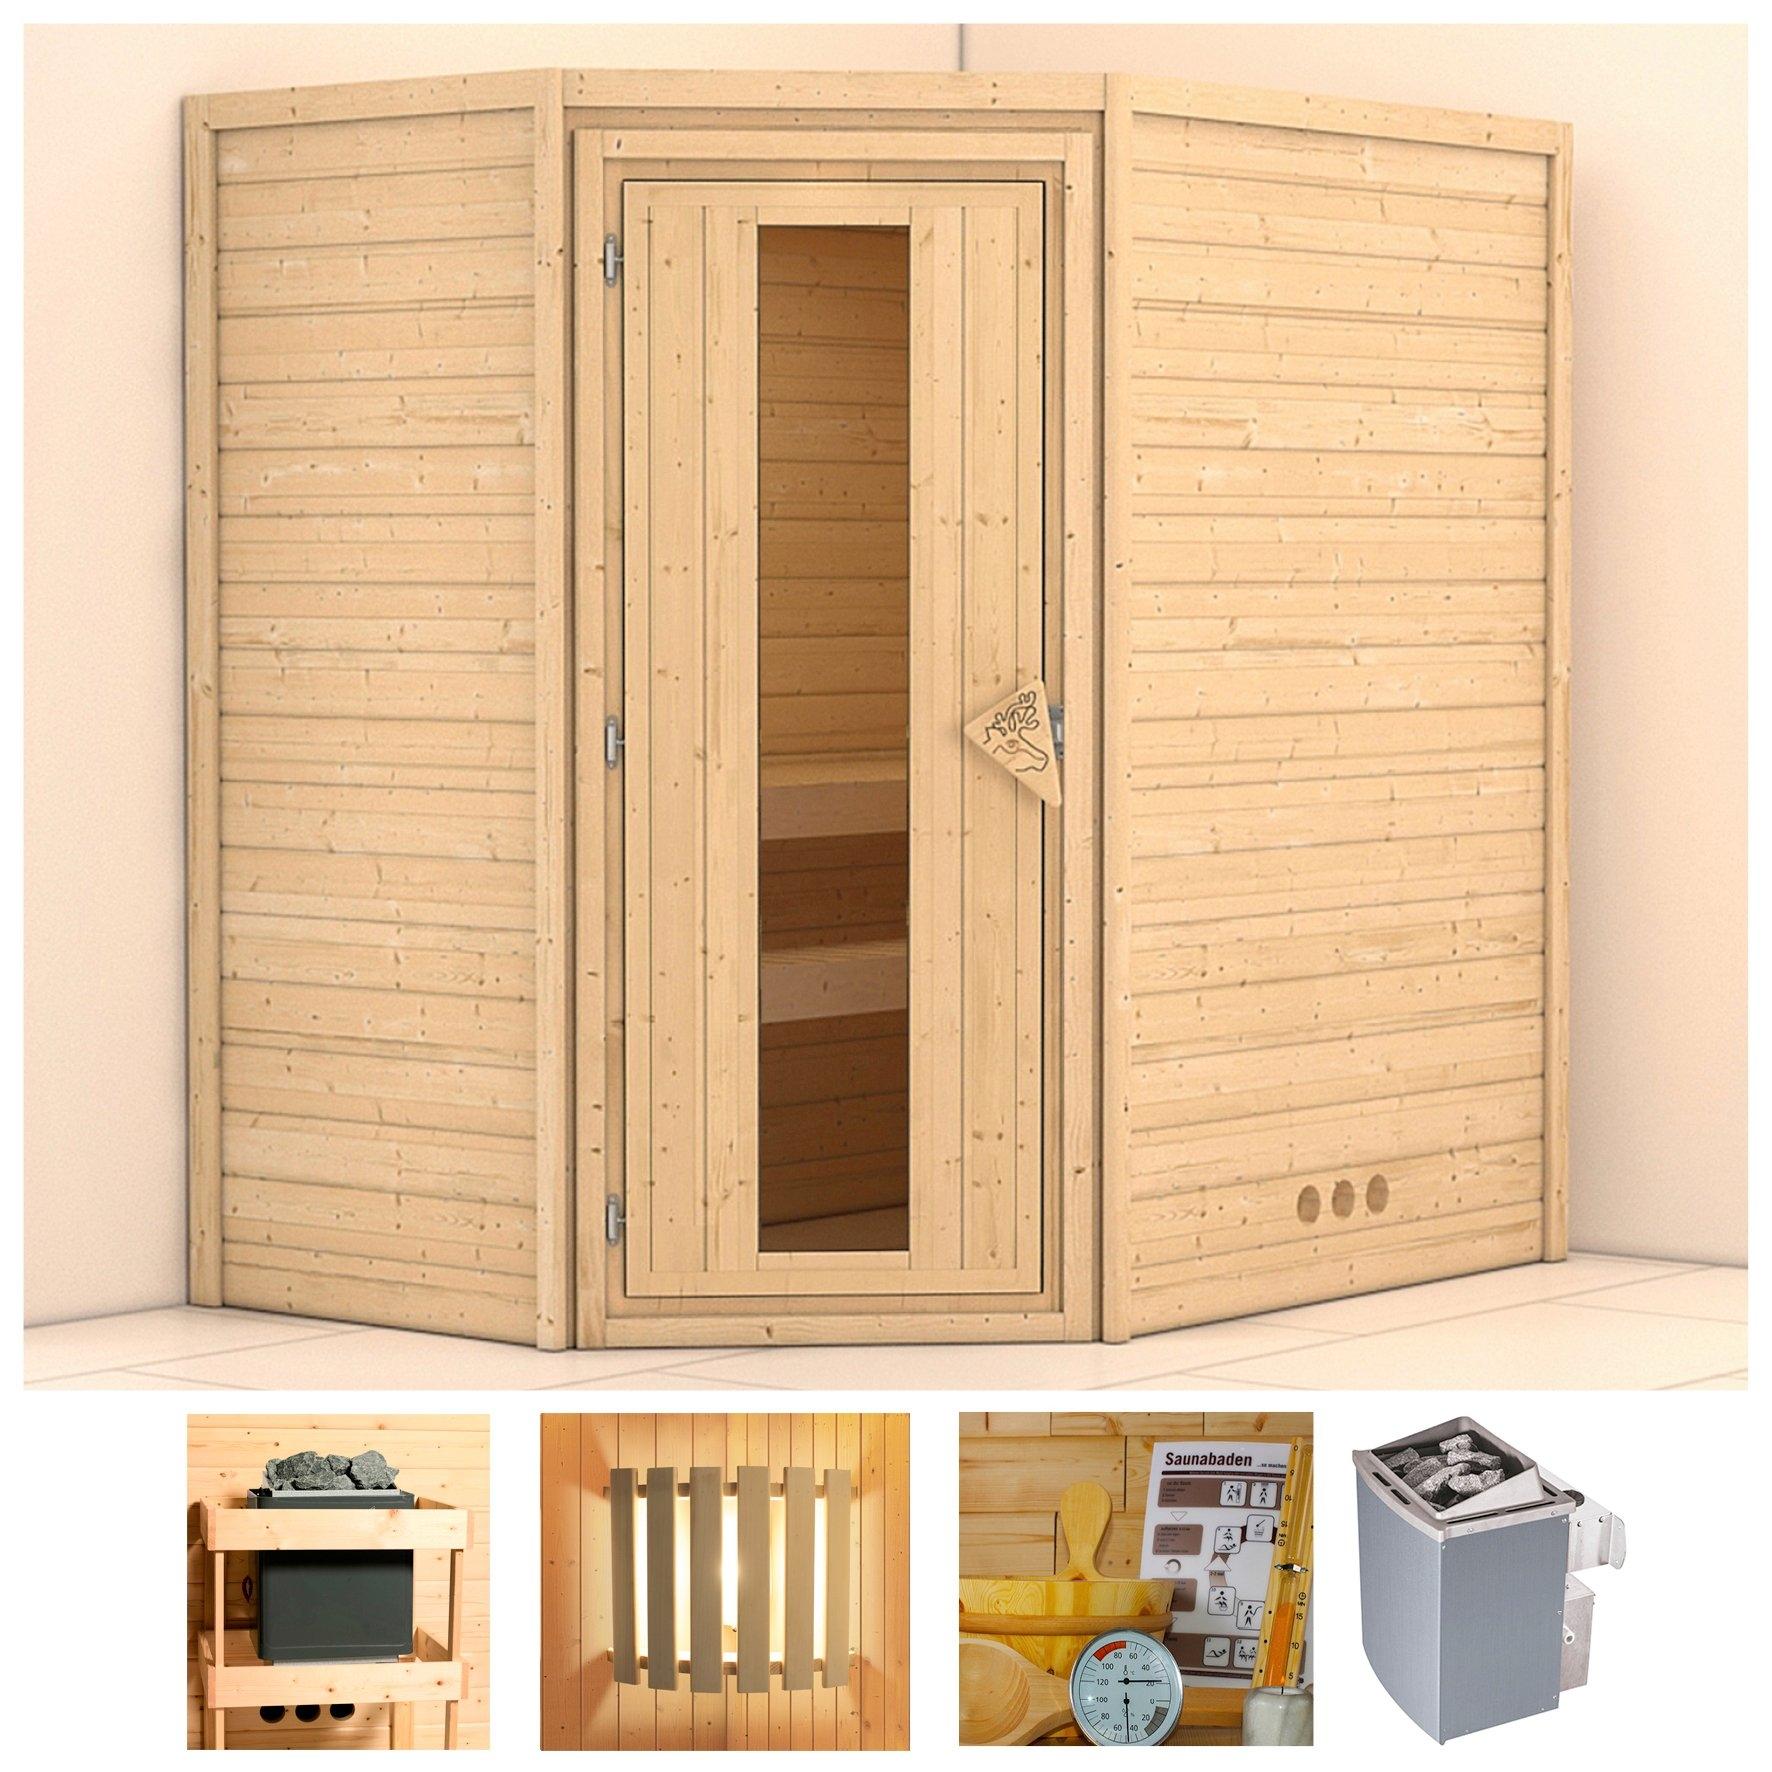 KONIFERA sauna »Svea«, 196/146/200 cm, 9-kW-Ofen mit int. Steuerung, Holztür bestellen: 30 dagen bedenktijd